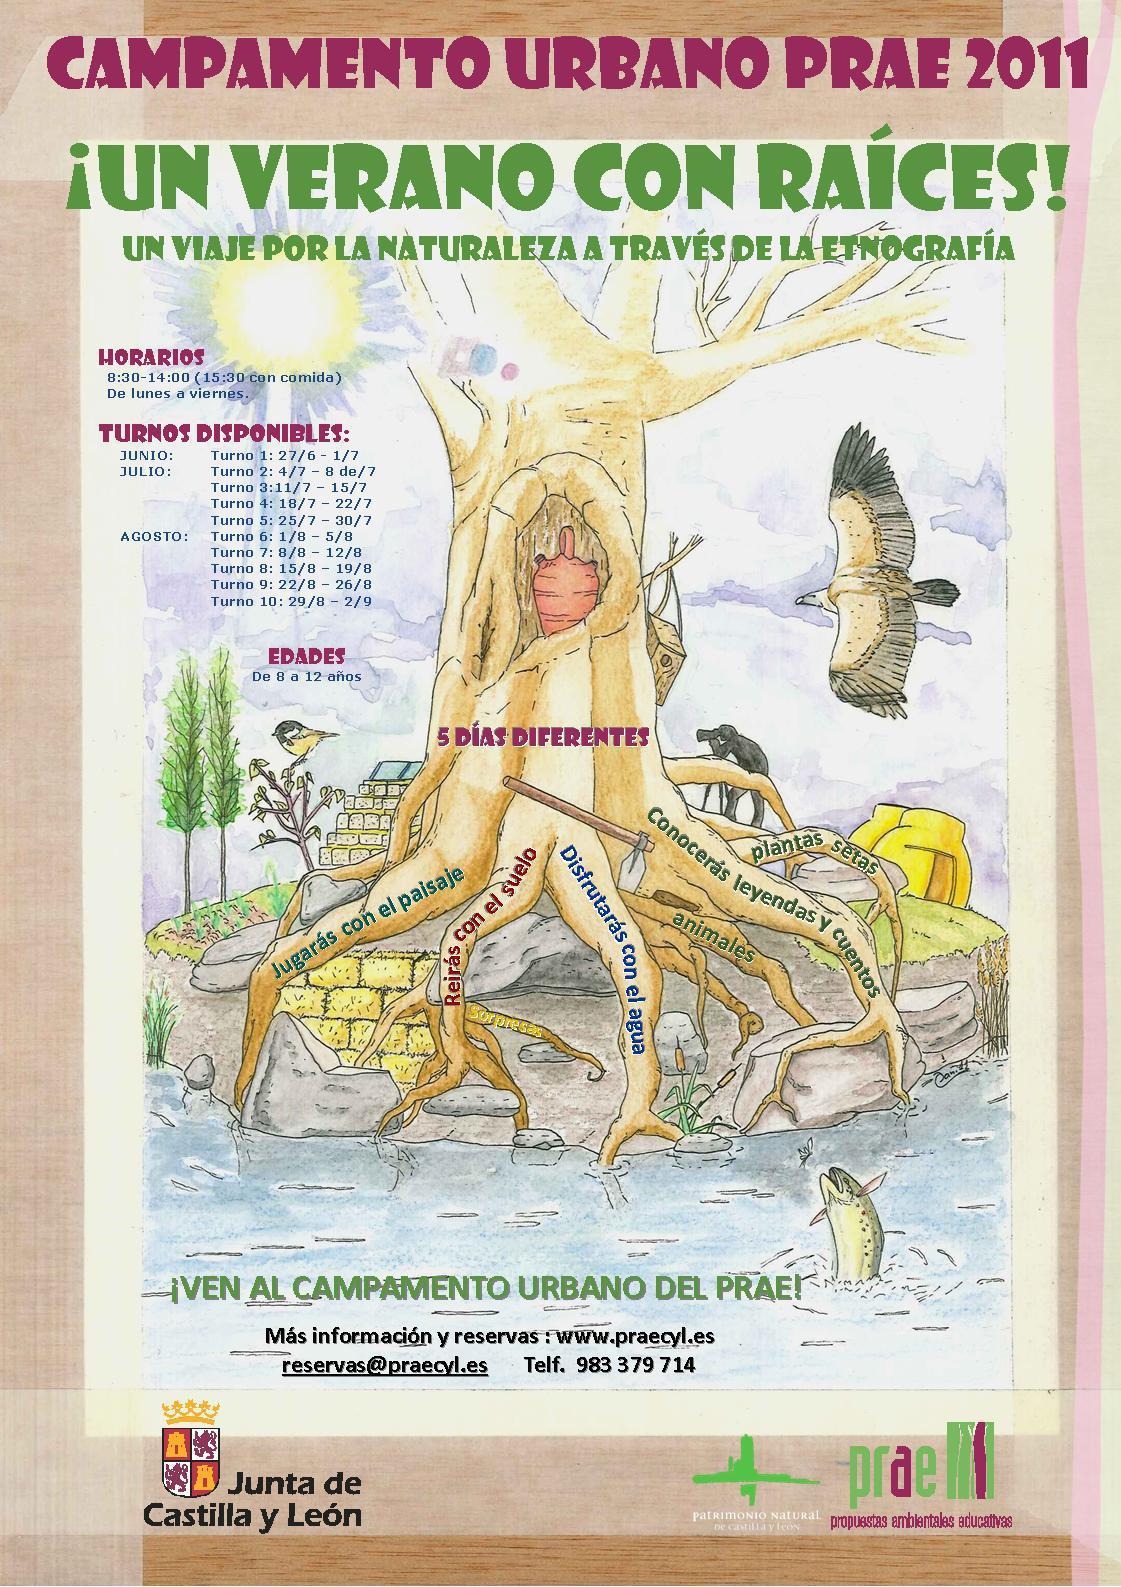 Cartel de los campamentos urbanos PRAE 2011